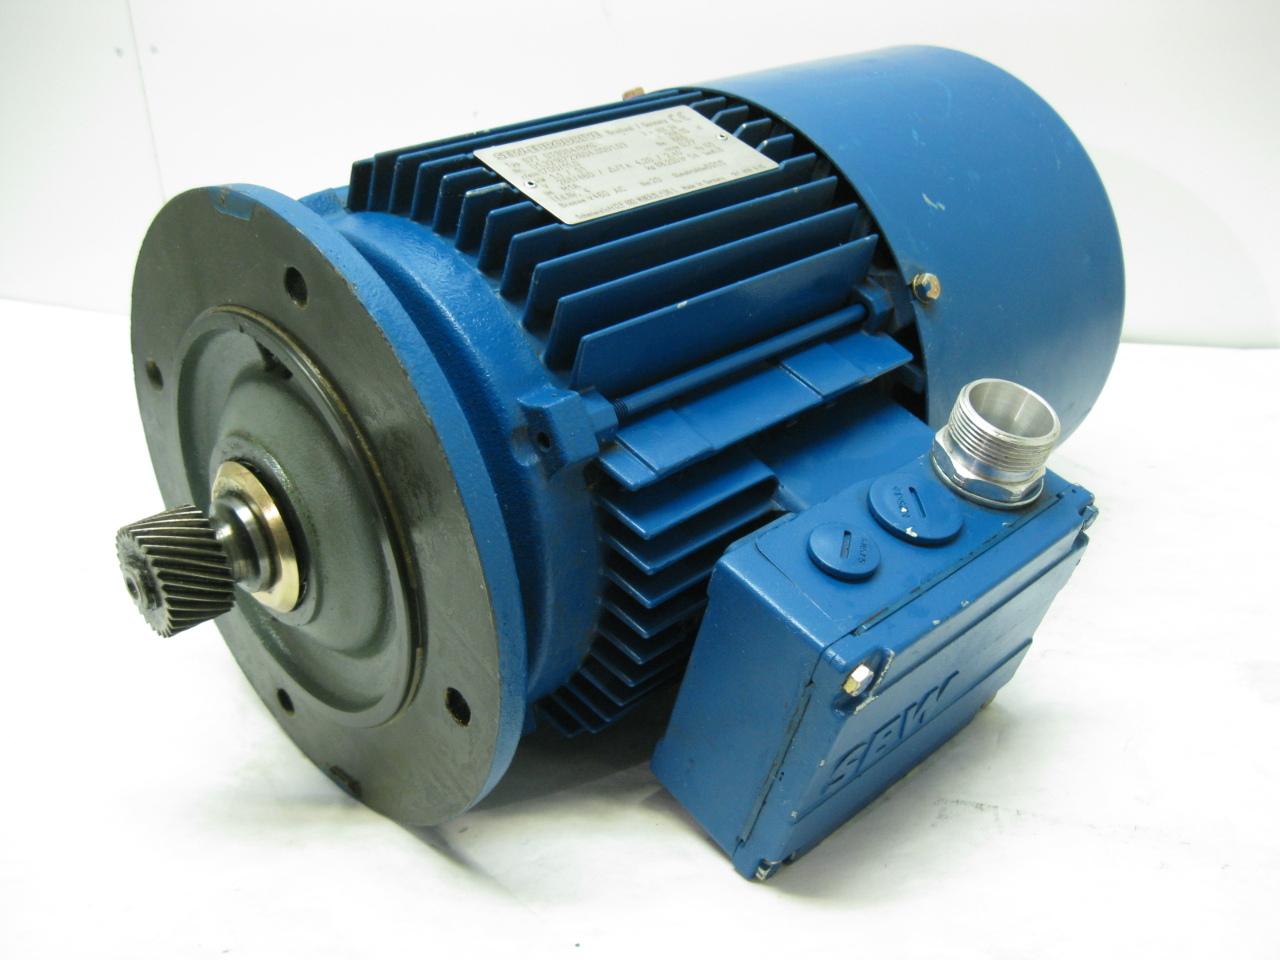 Sew eurodrive s77 dt80k4 motor 1 5 hp 1700 rpm 266 460v ebay for Sew motors and drives